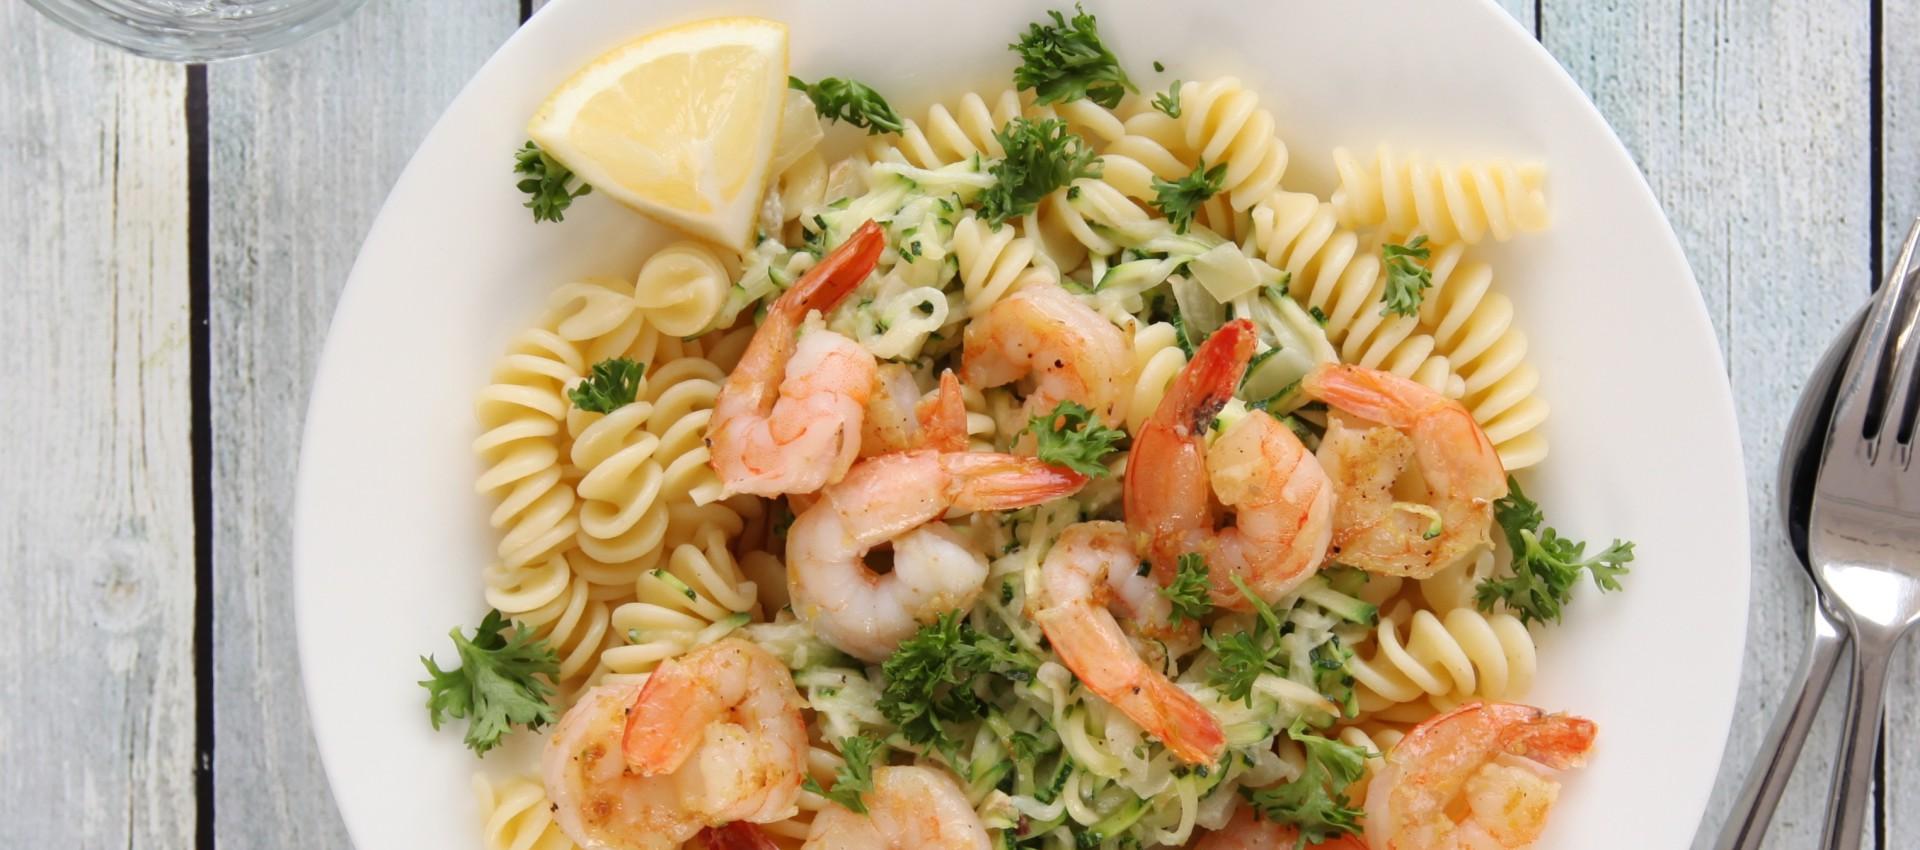 20150525_2143-pasta met garnalen